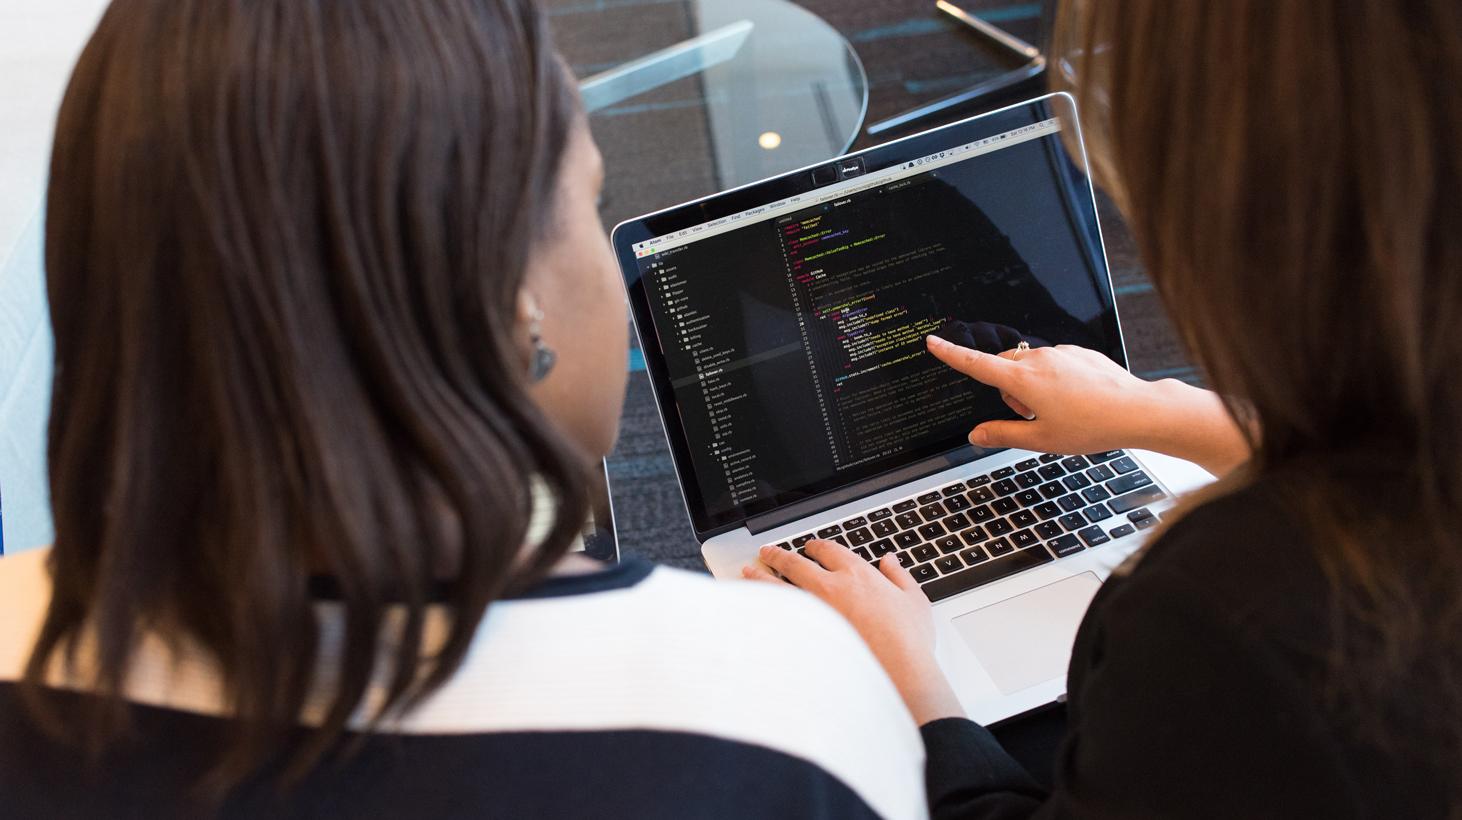 Mujeres en Tecnología: Una oportunidad que los emprendedores pueden impulsar.